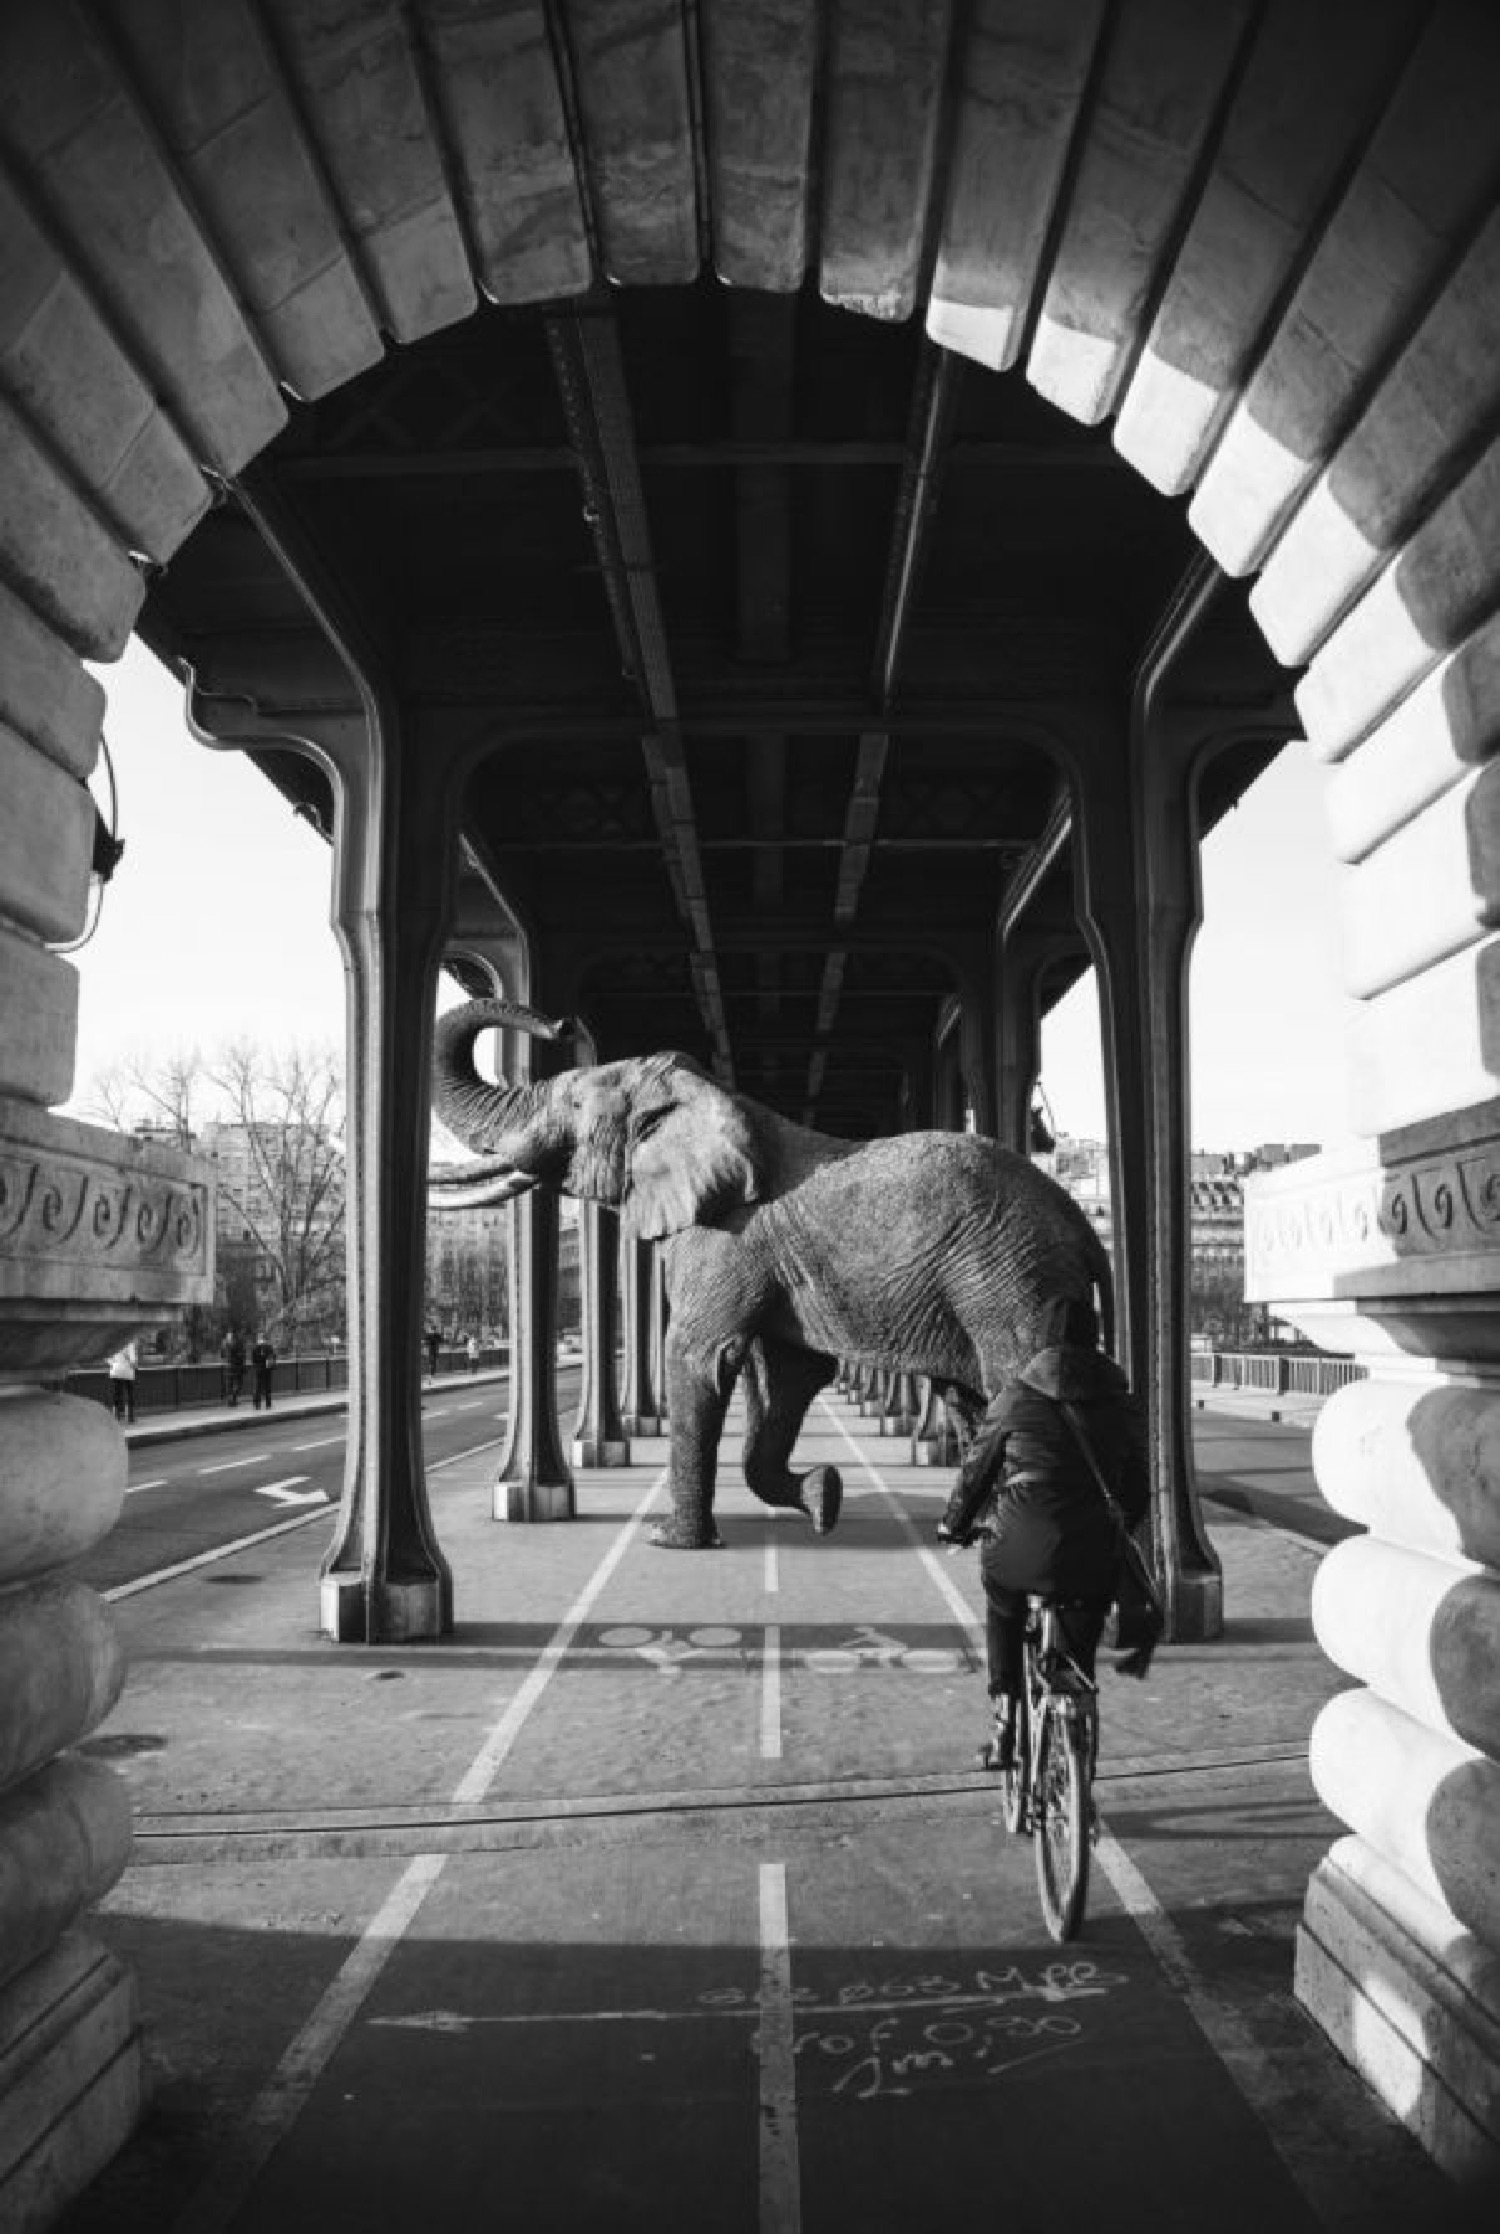 L'ÉLÉPHANT DE BIR HAKEIM - Photo de Mathieu Alemany 40x60 cm